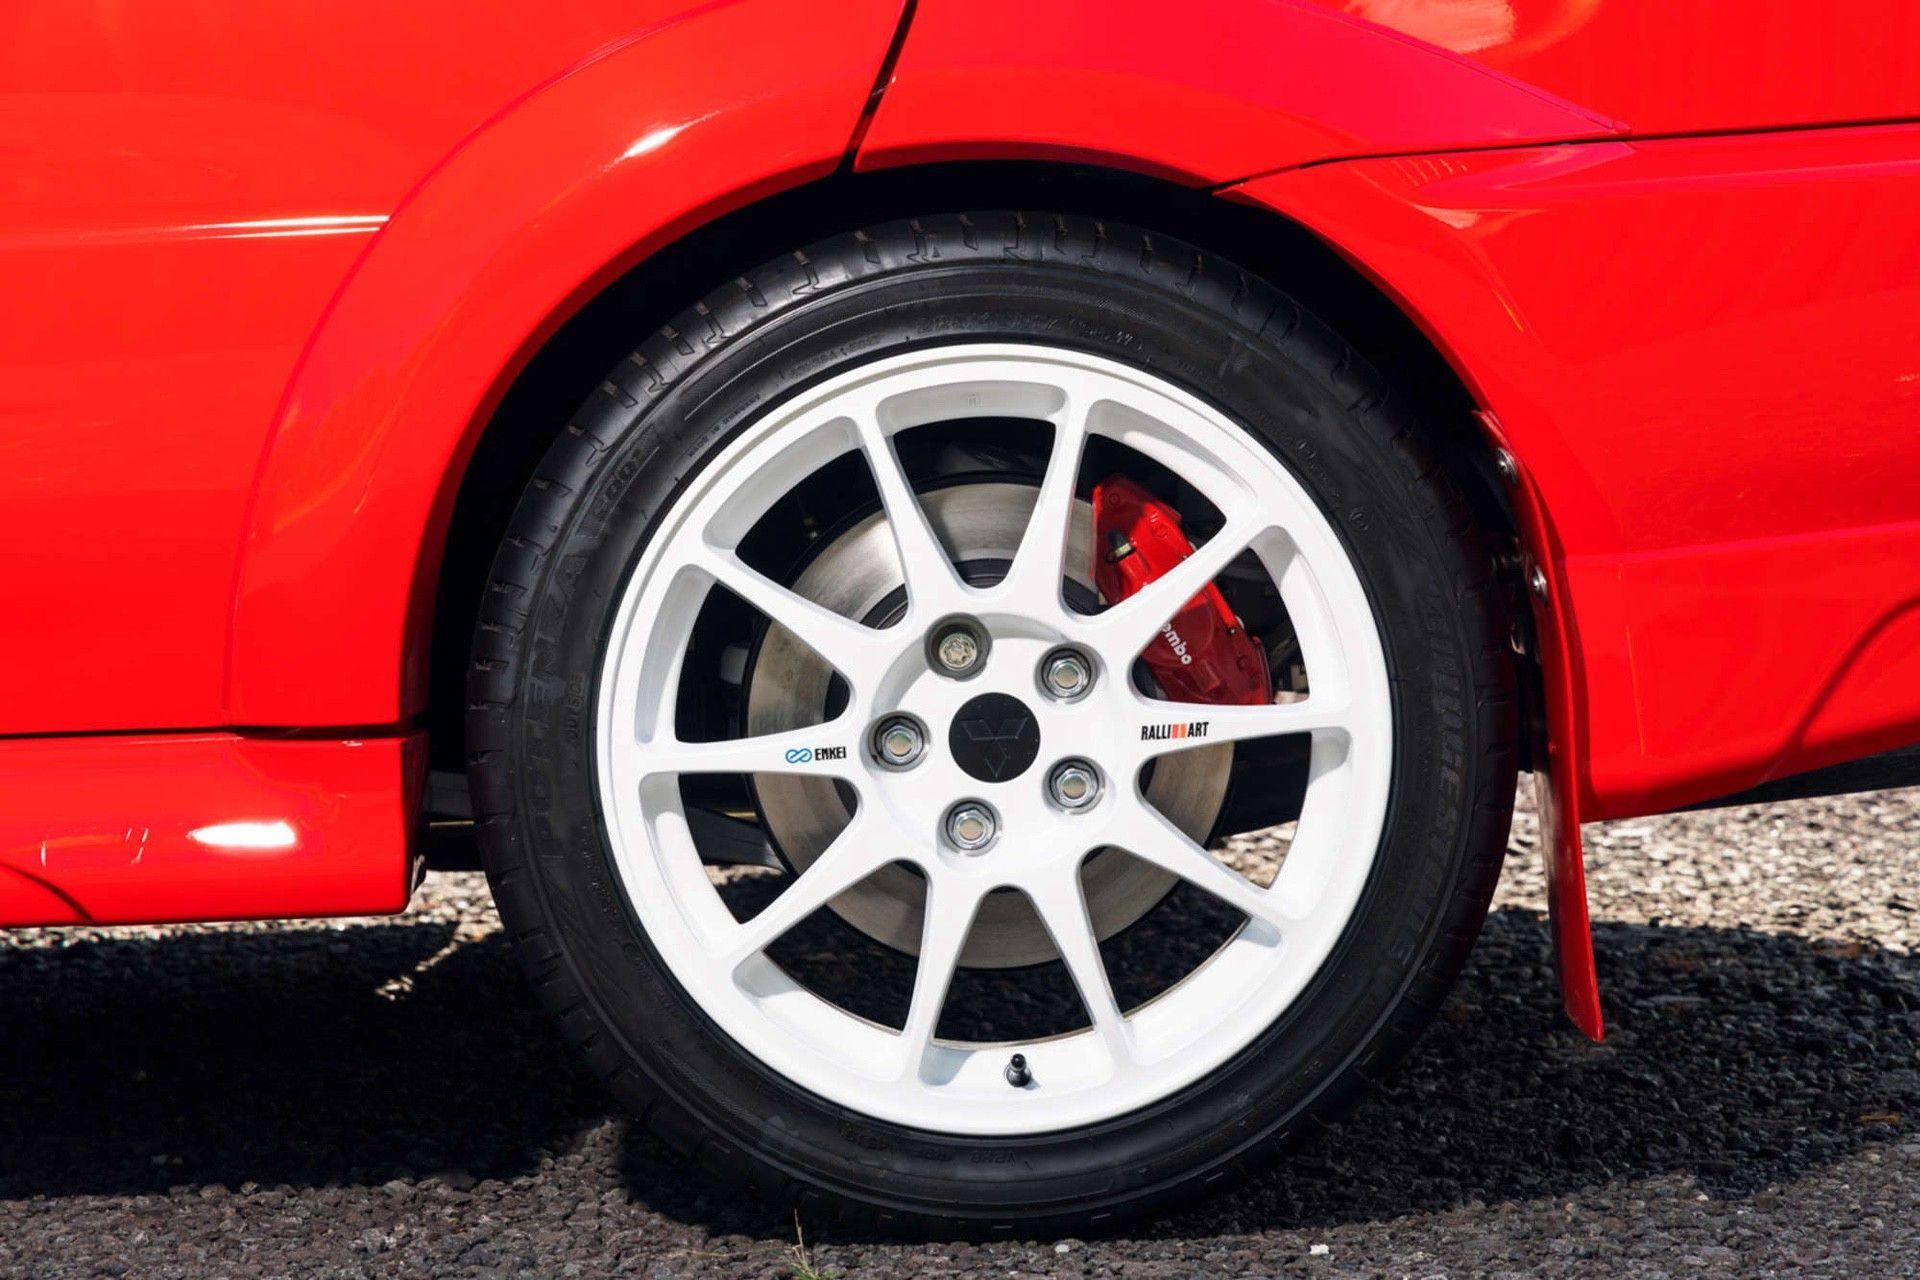 2000_Mitsubishi_Lancer_Evolution_VI_Tommi_Makinen_Edition_sale-0032